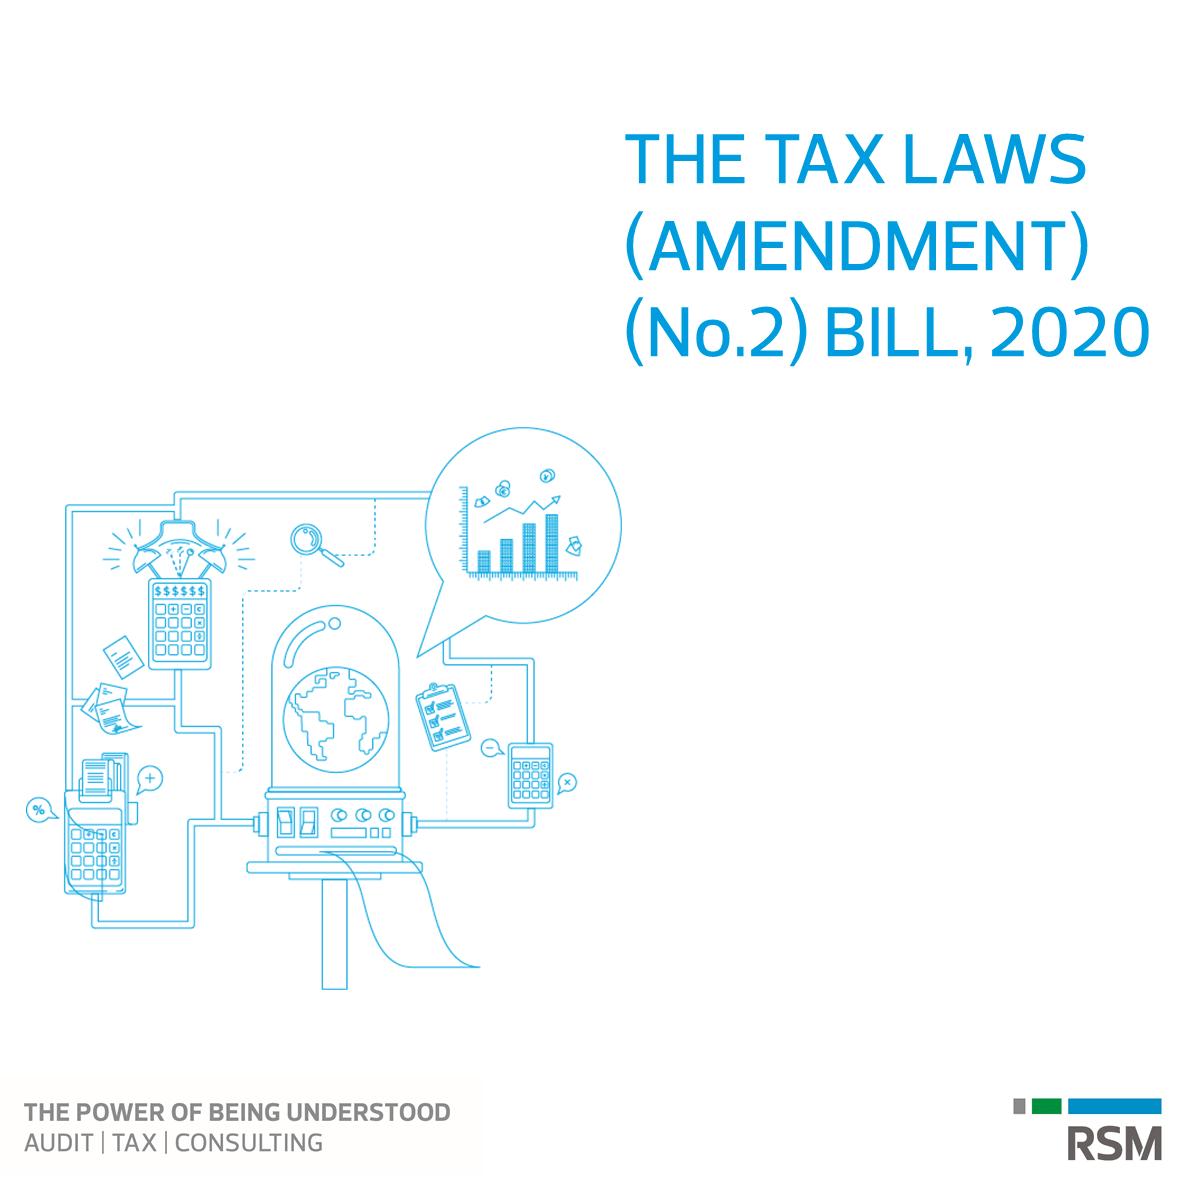 public://media/the_tax_laws_amendment_no.2_bill_2020.png